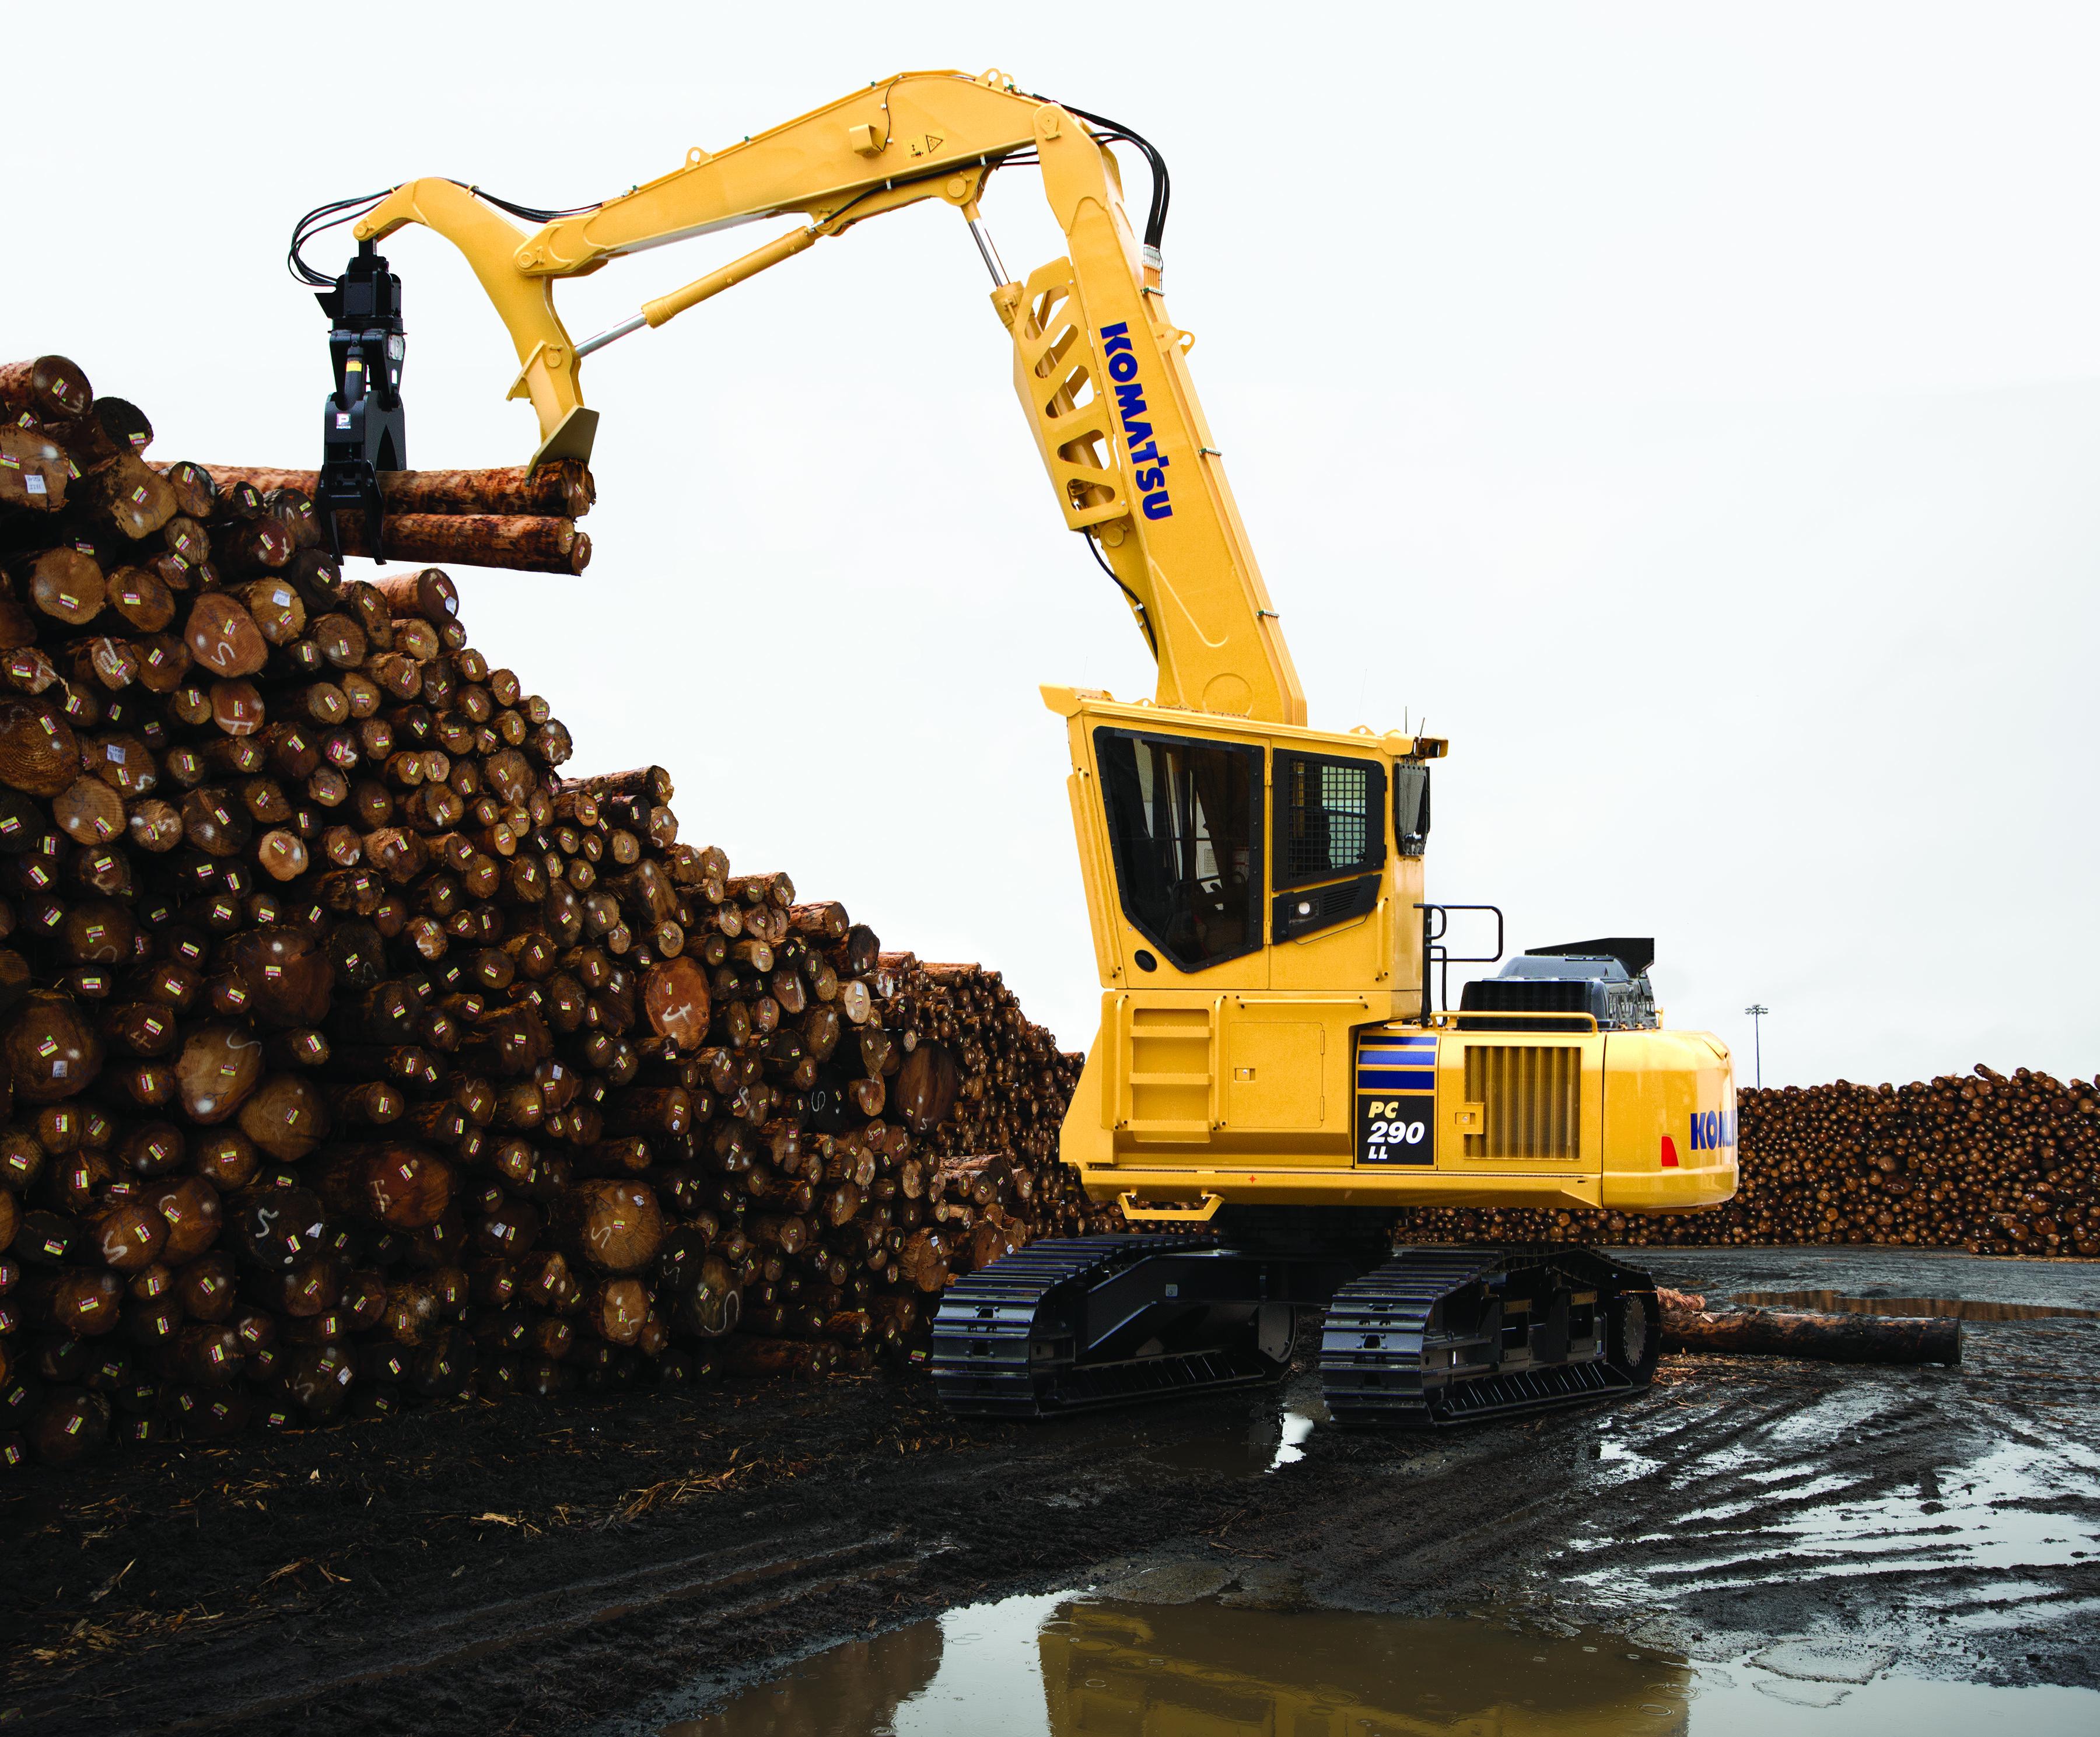 komatsu pc290ll 11 rh komatsuforest com Komatsu Pc290 Forestry Komatsu Pc290 Specs